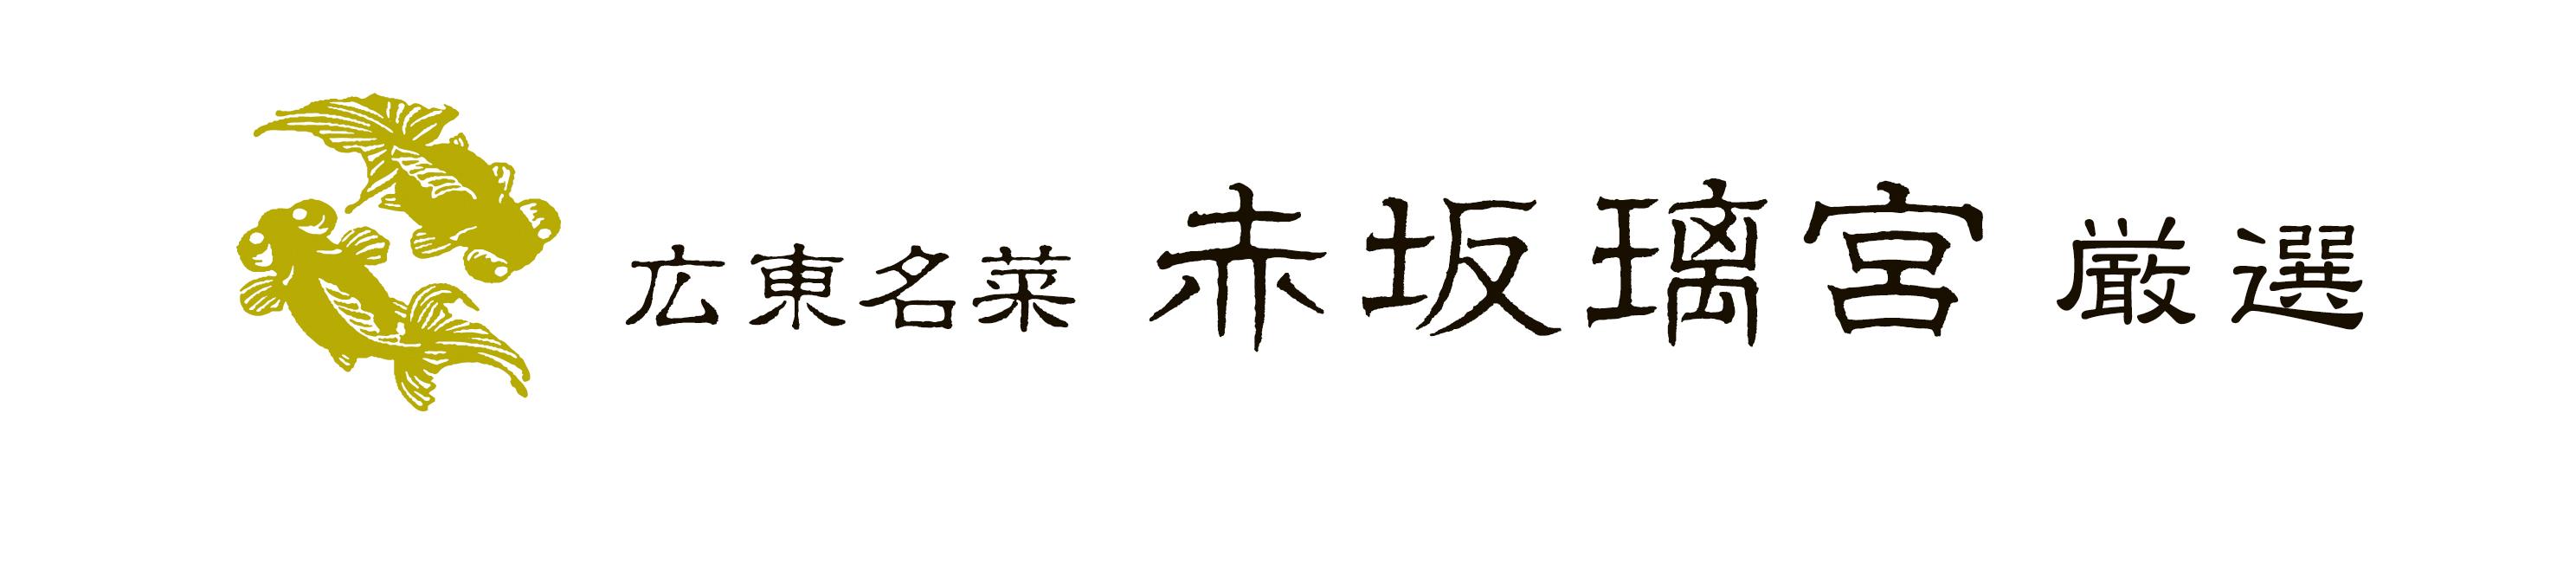 【よこやま】譚 彦彬 厳選 行平鍋24cm 約径24×高さ8.5cm・満水容量3.5L・重量約660g